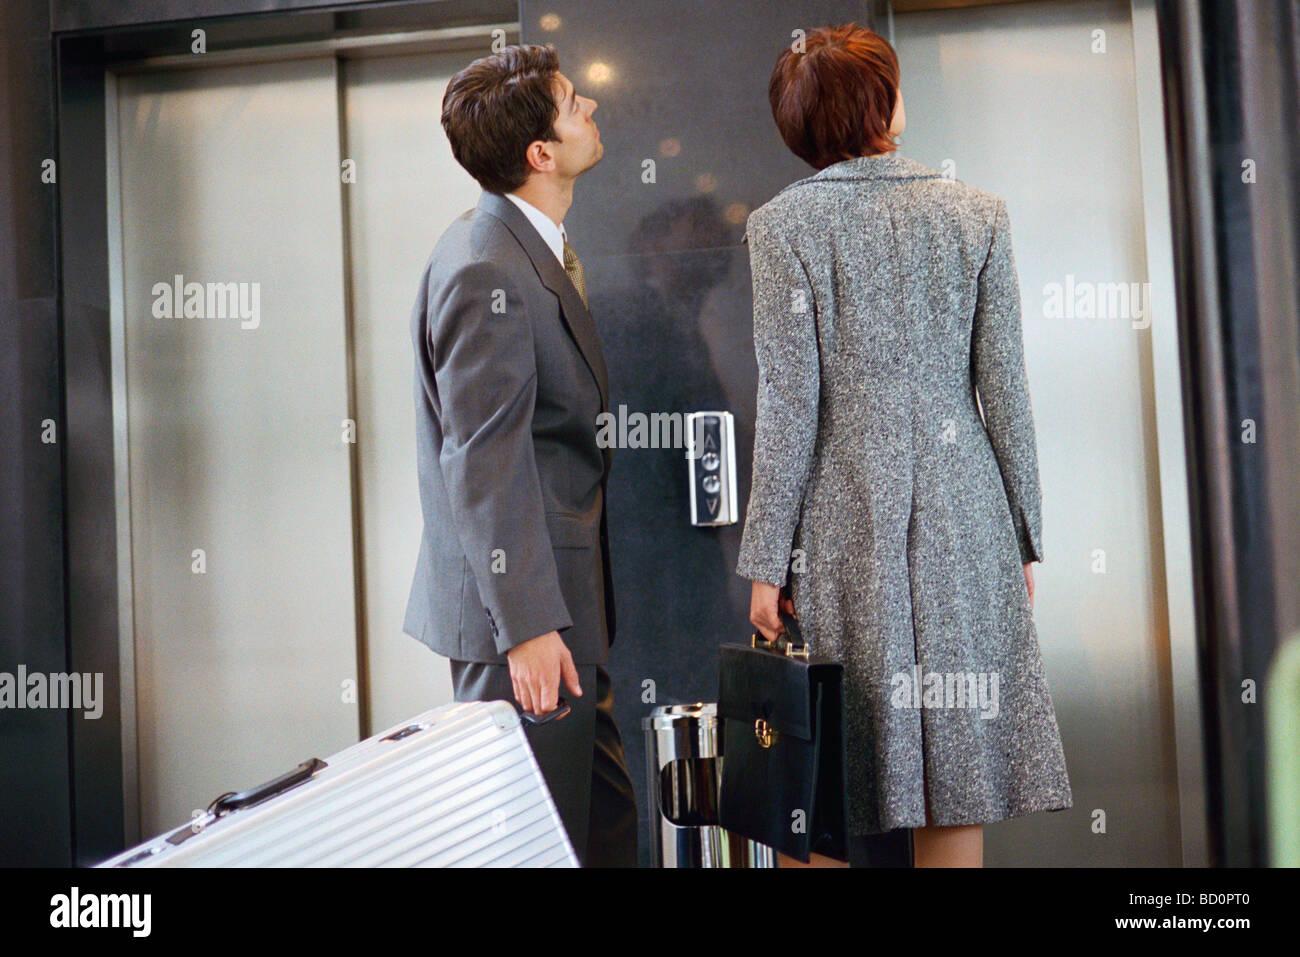 Associés d'affaires en attente d'ascenseur Photo Stock